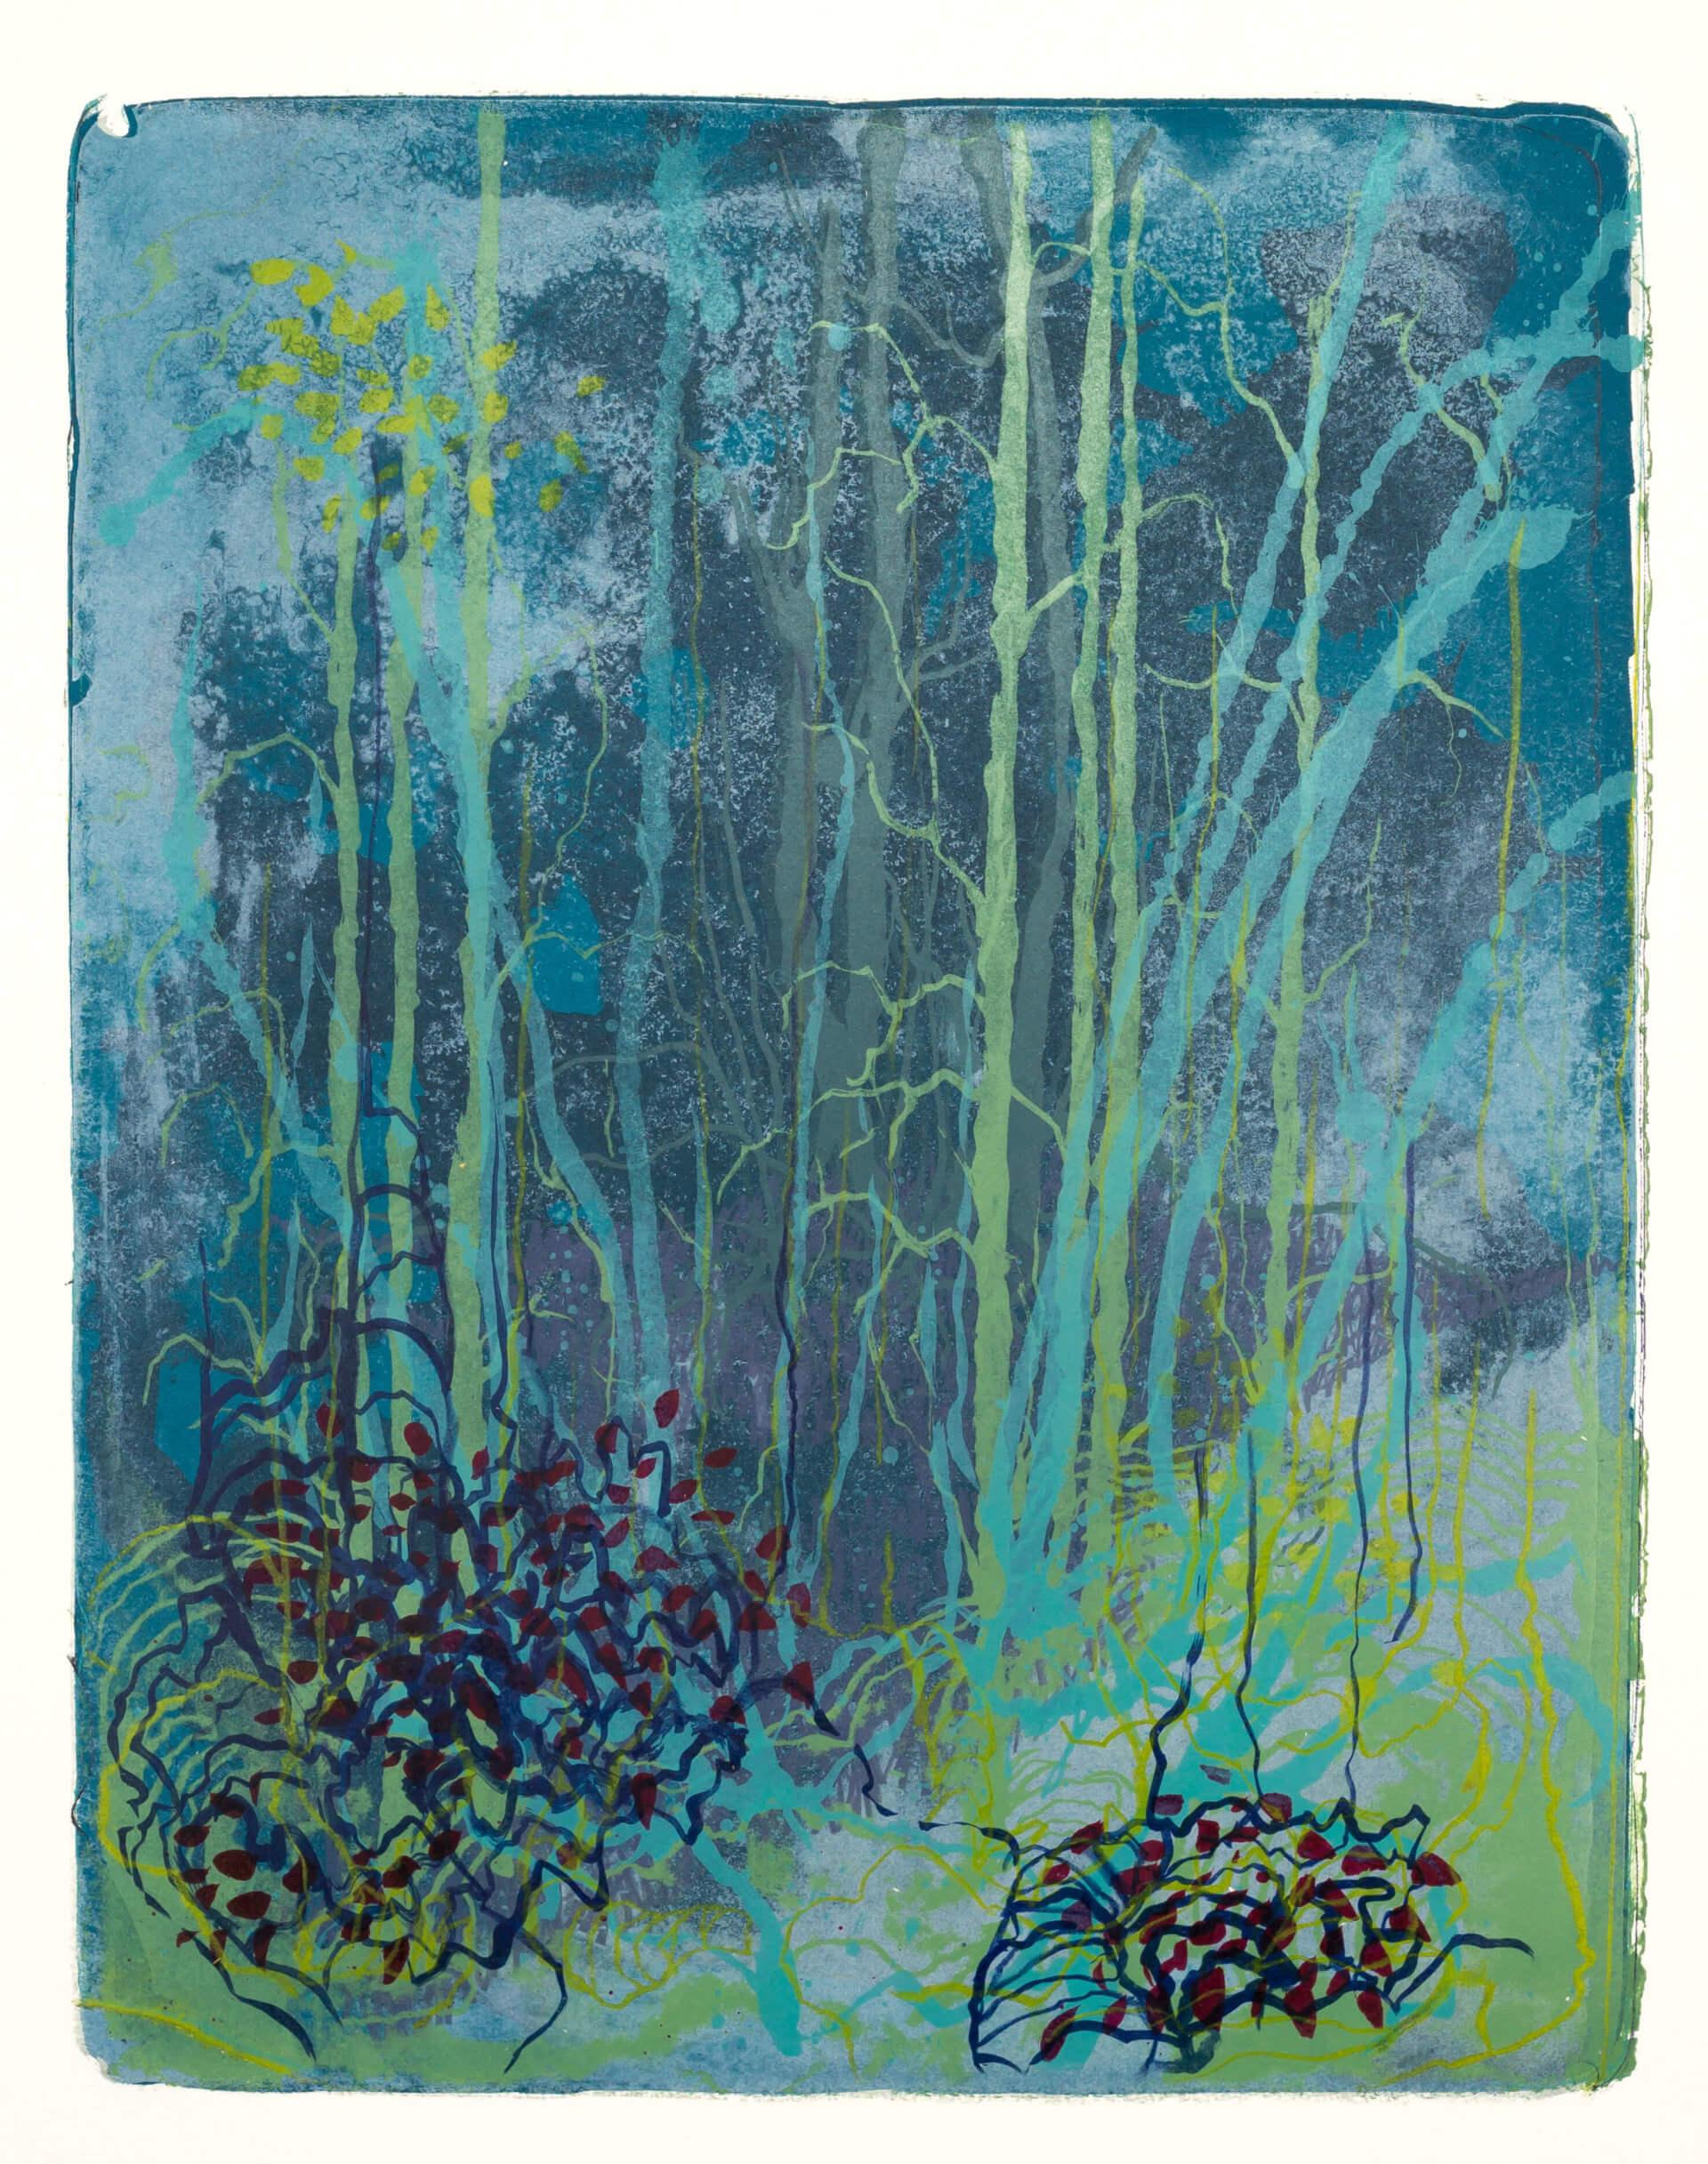 Wald X(K)-X, 2018, Farblithographie, Unikat, 50x40 cm.